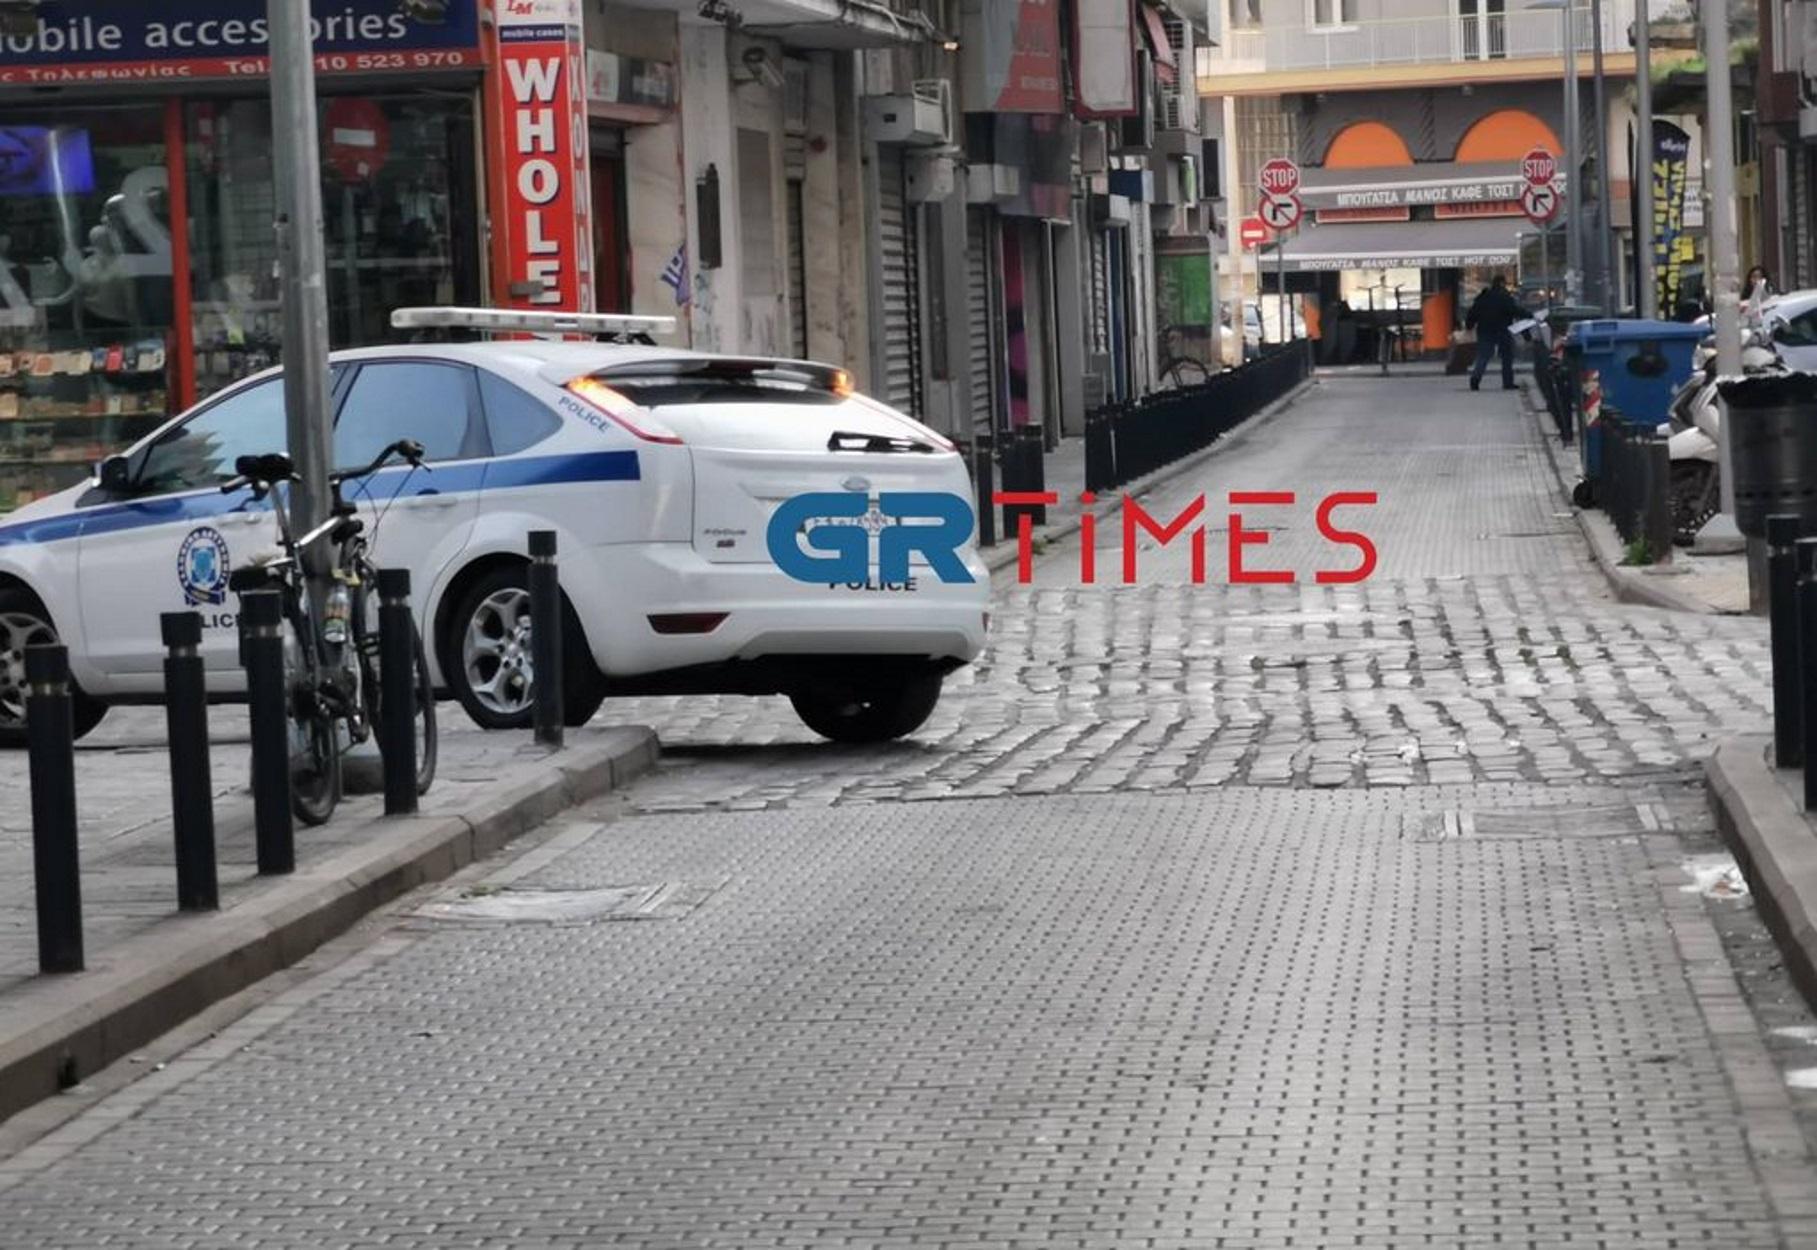 Θεσσαλονίκη: Καρτέρι ληστών σε λογίστρια μέσα σε ασανσέρ